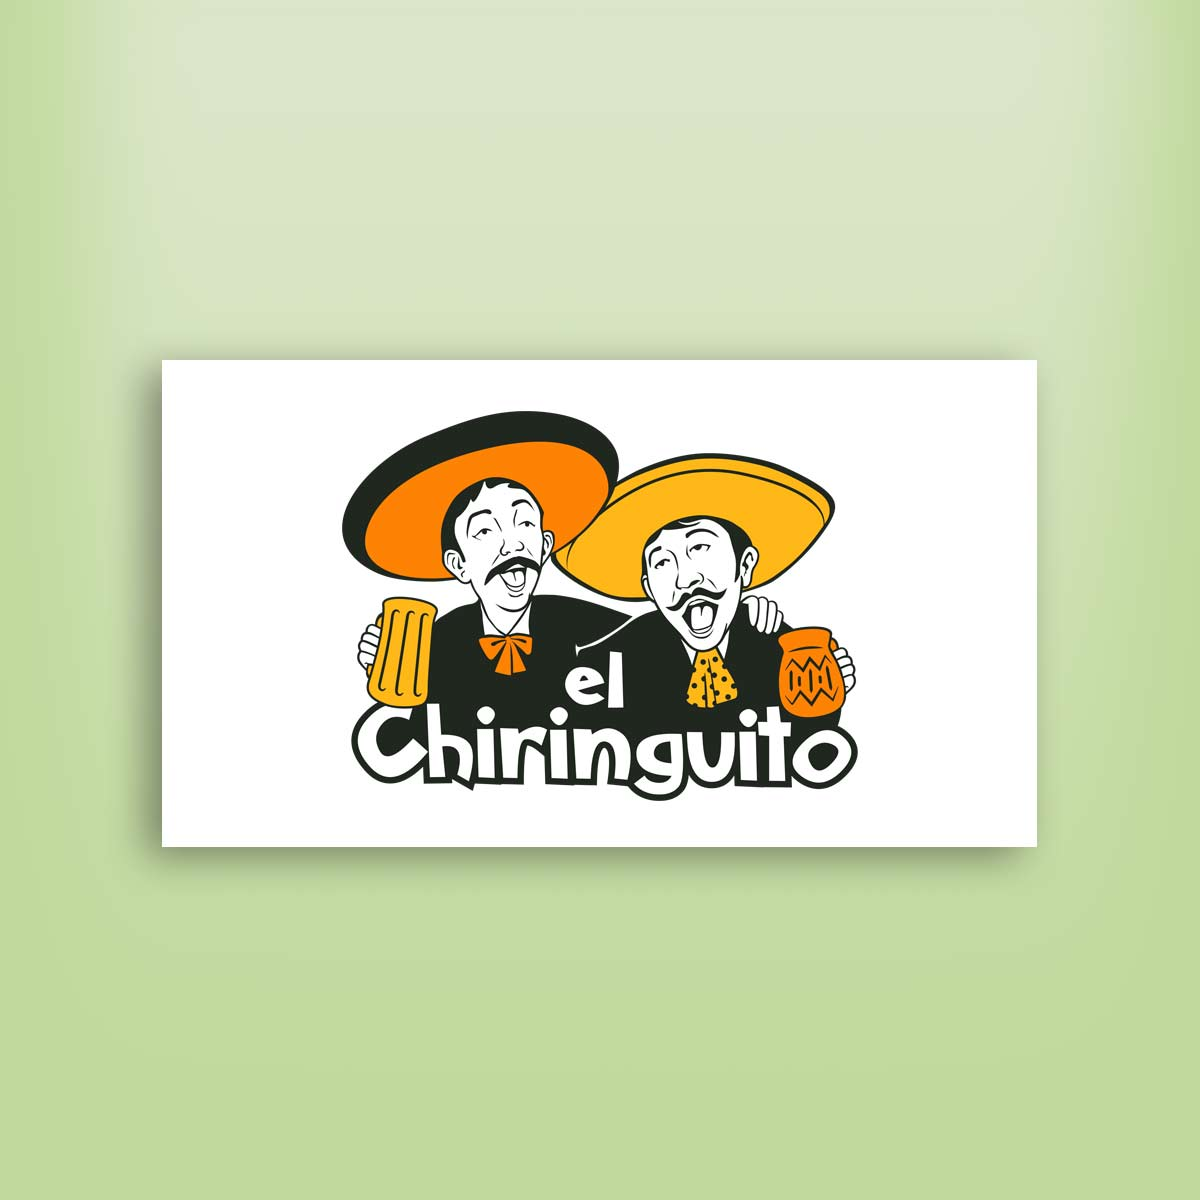 diseño de logotipo Chiringuito